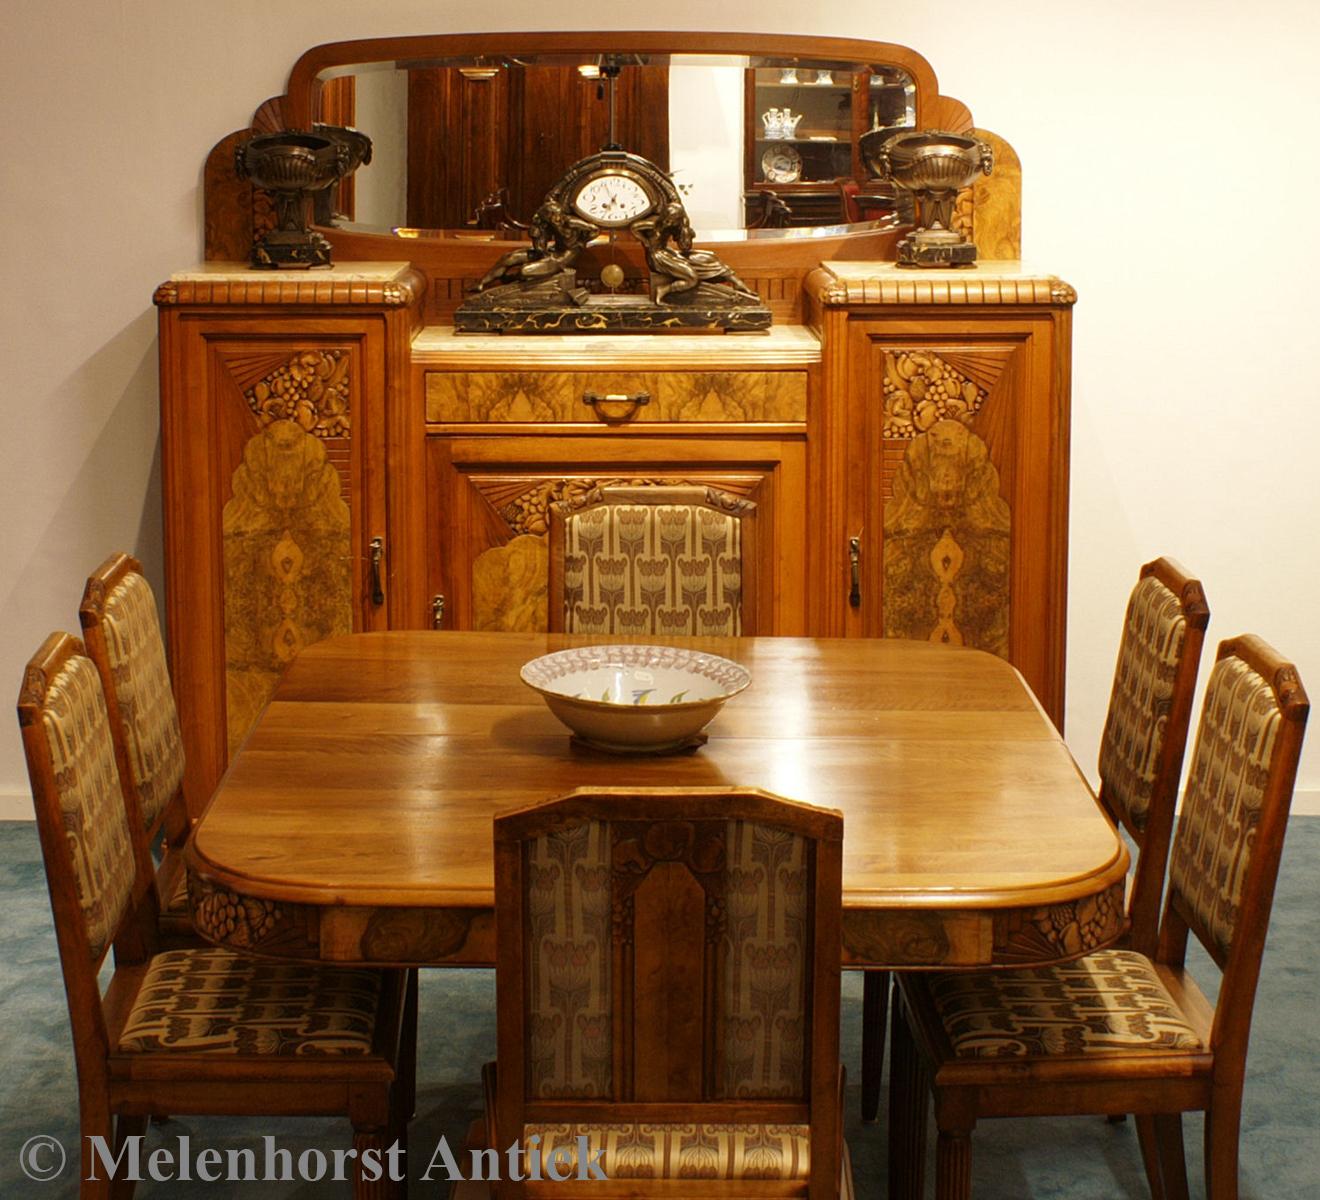 jugendstil salon meublement antike uhren melenhorst. Black Bedroom Furniture Sets. Home Design Ideas